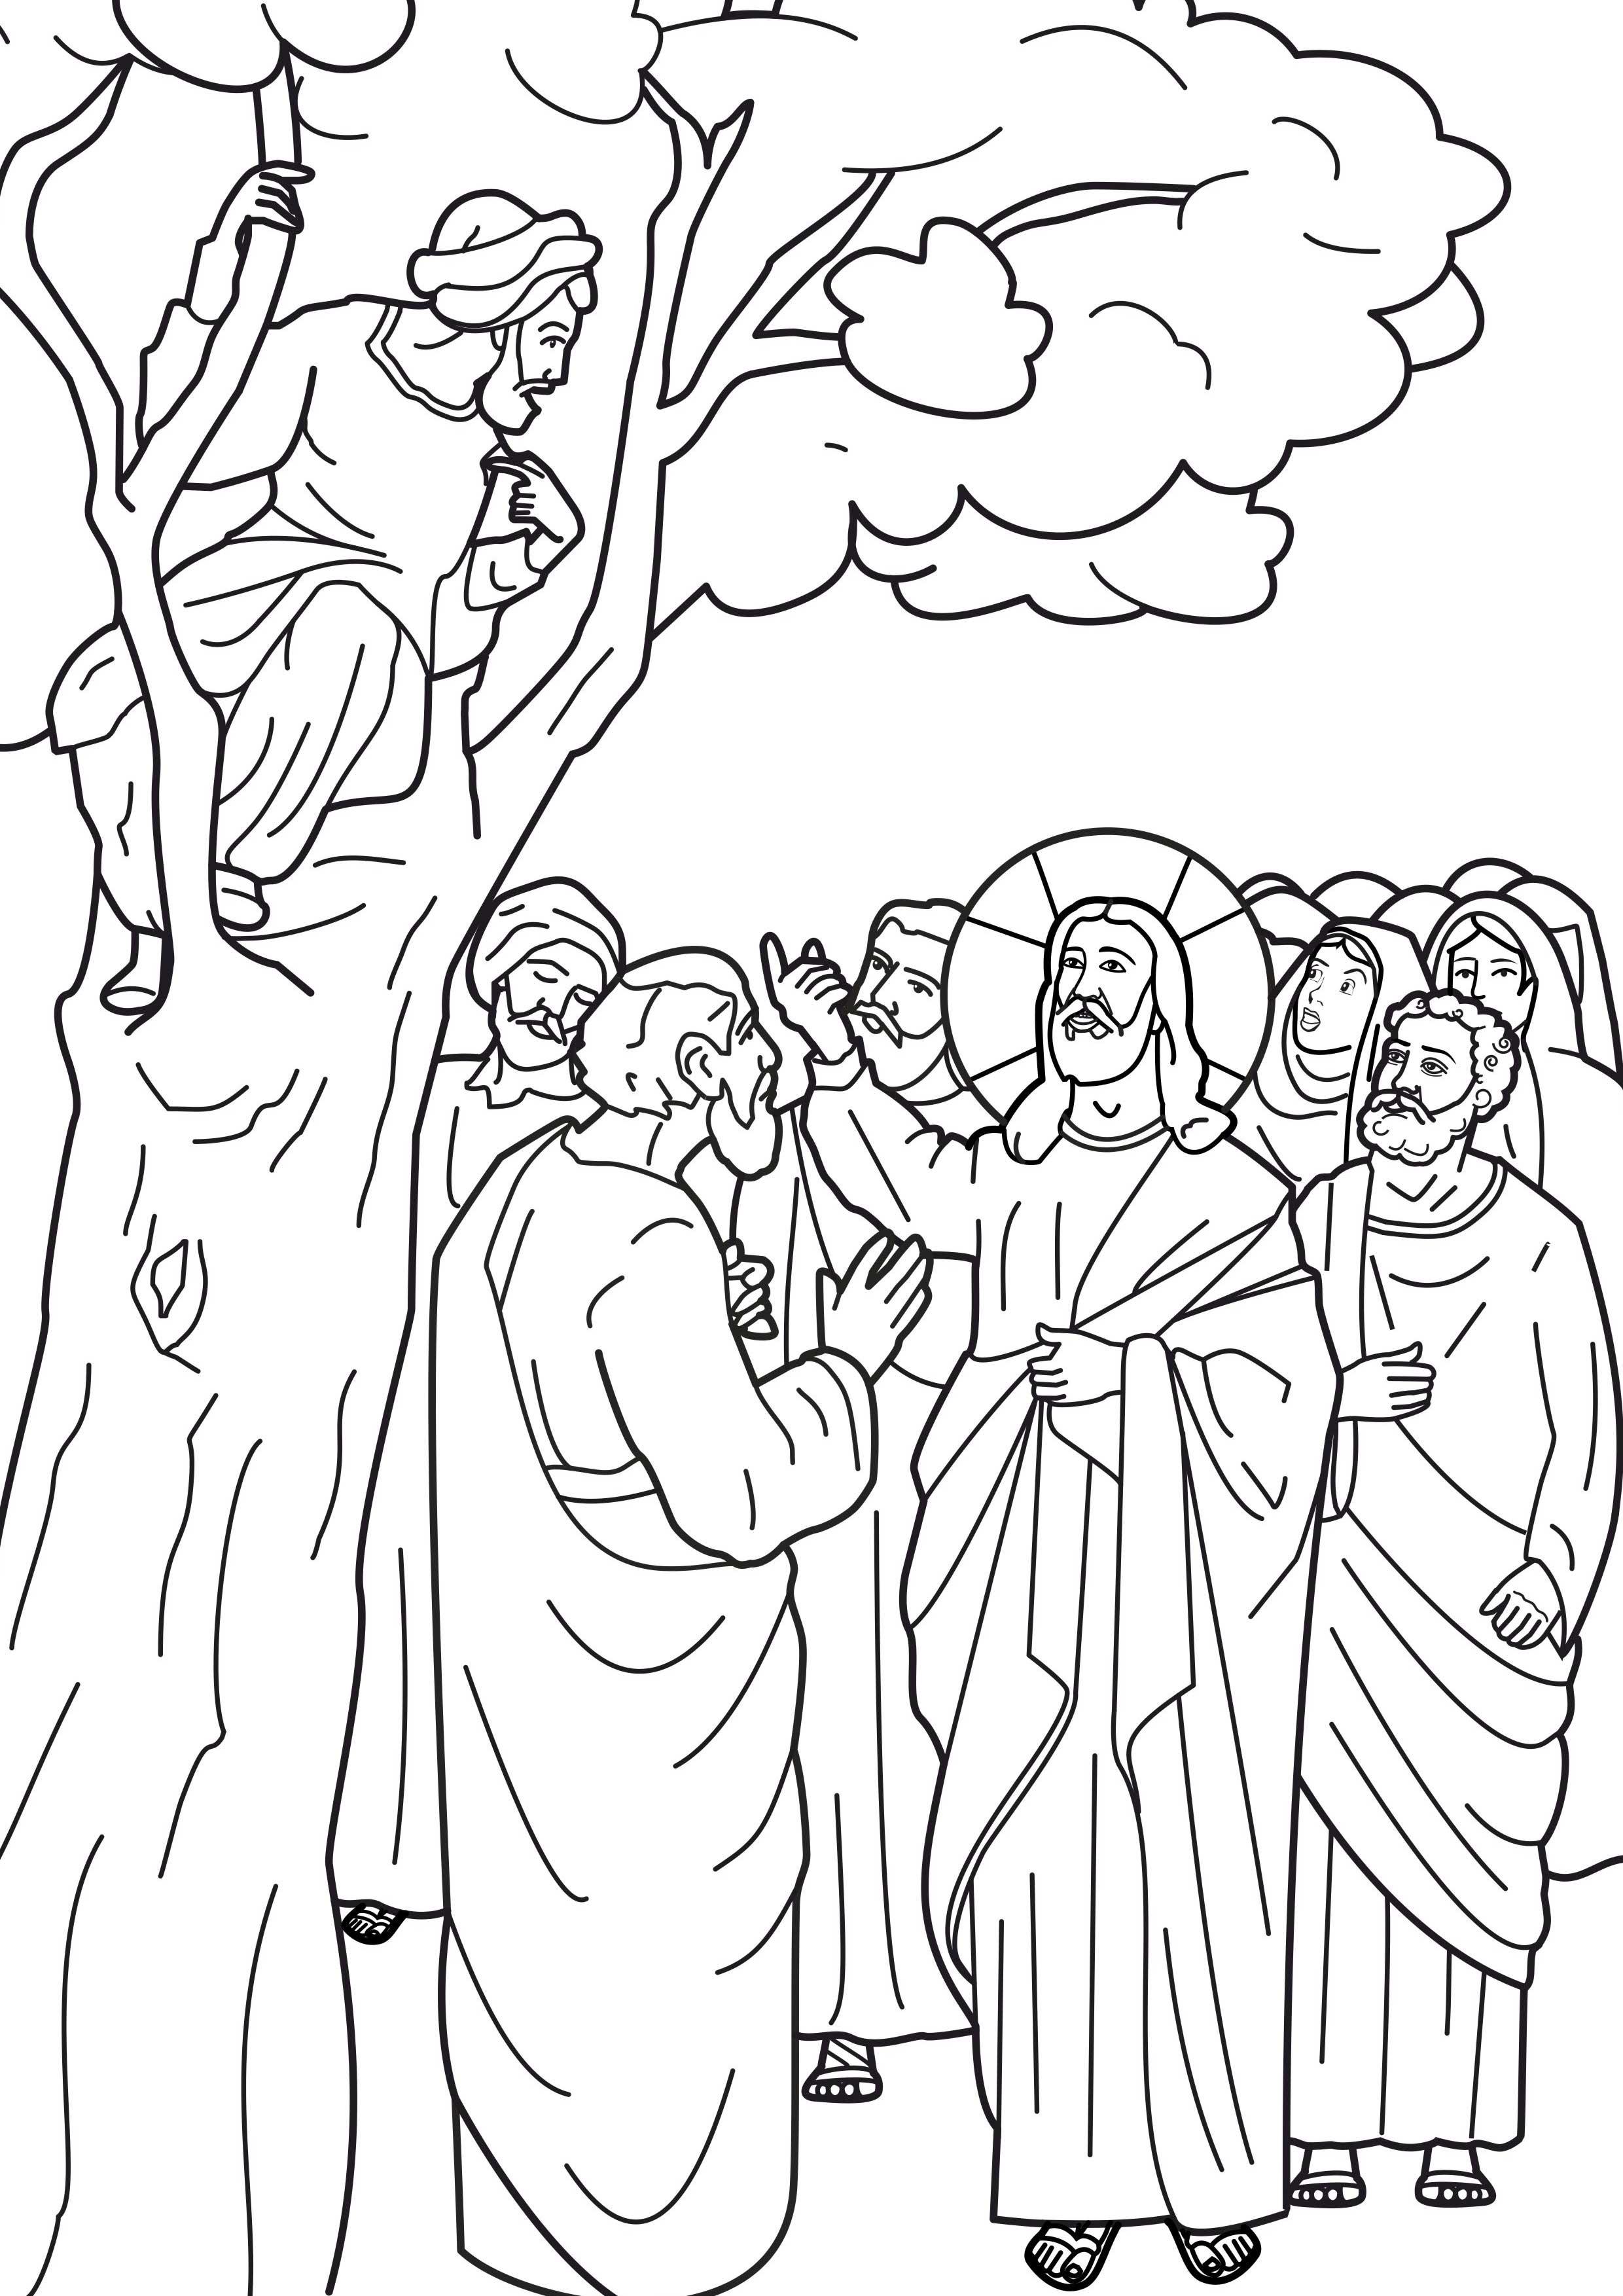 Best photos of zacchaeus print out free printable zacchaeus